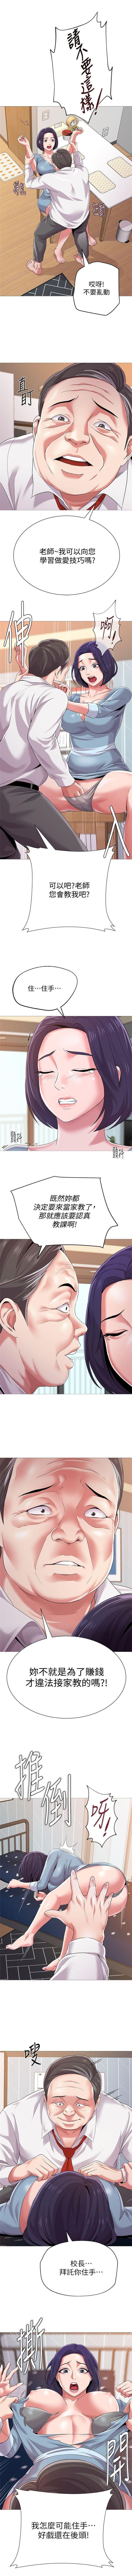 (周3)老师 1-56 中文翻译(更新中) 148